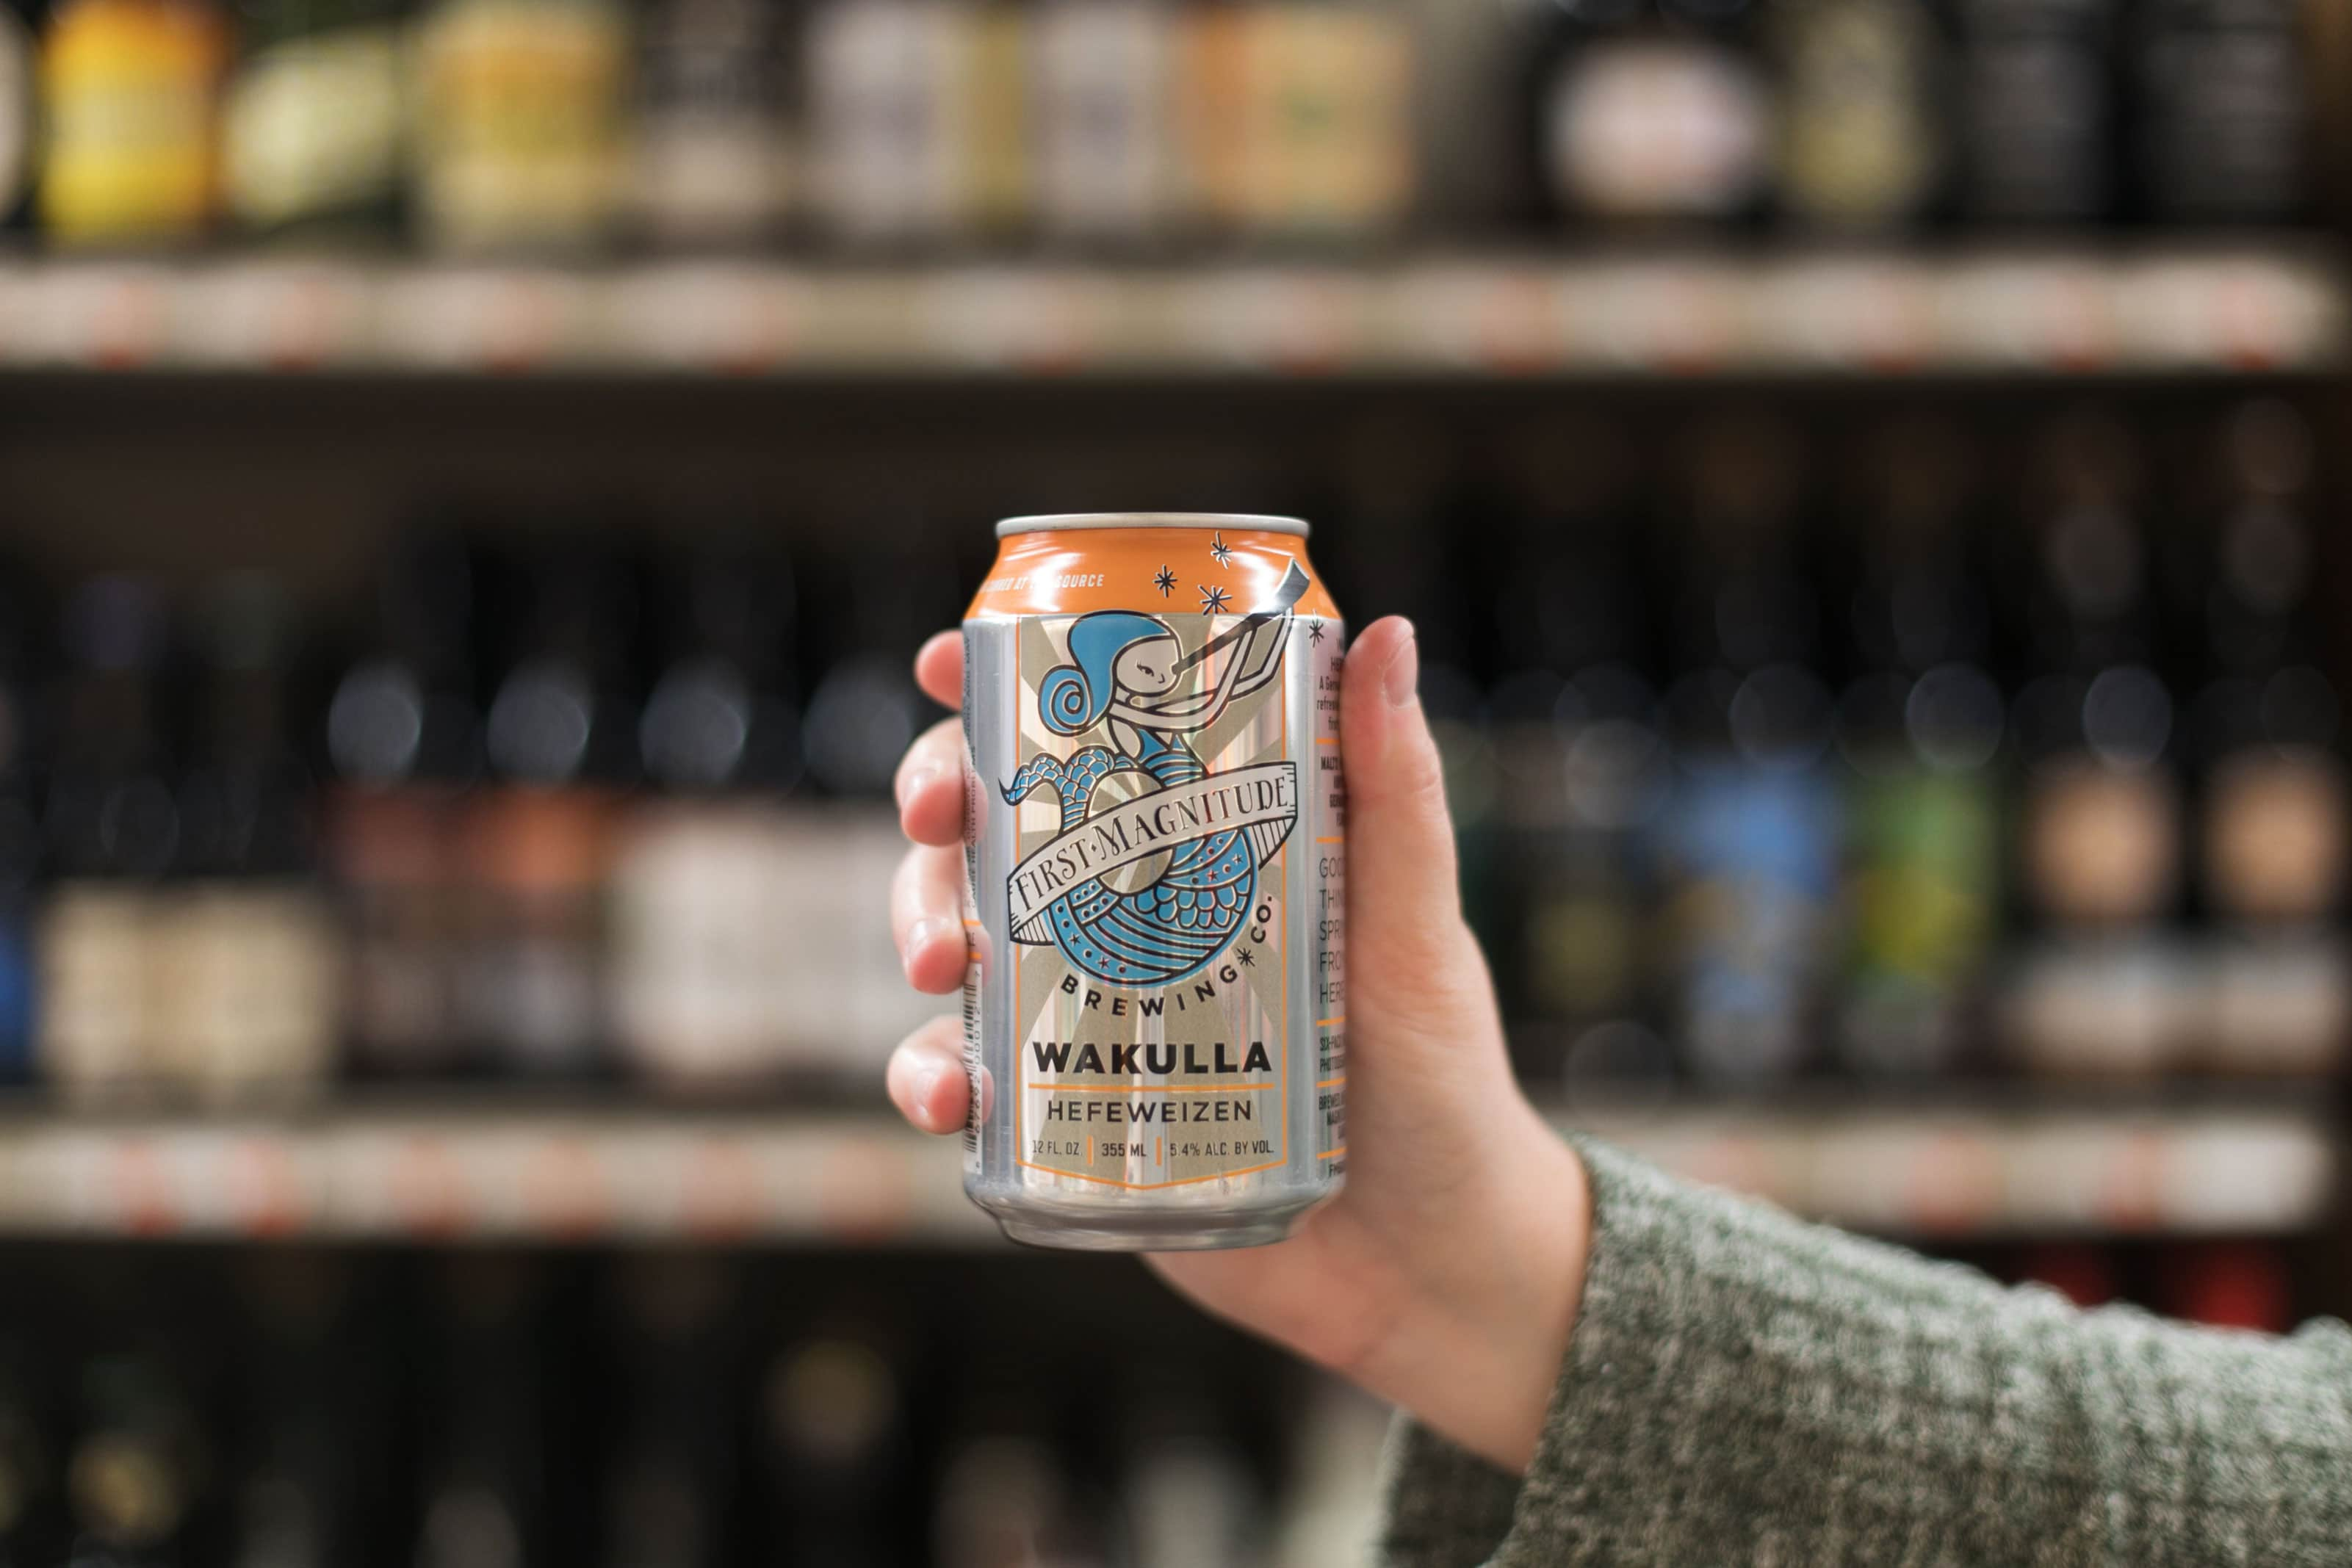 Local Gifts Craft Beer Ward's Supermarket Gainesville, FL